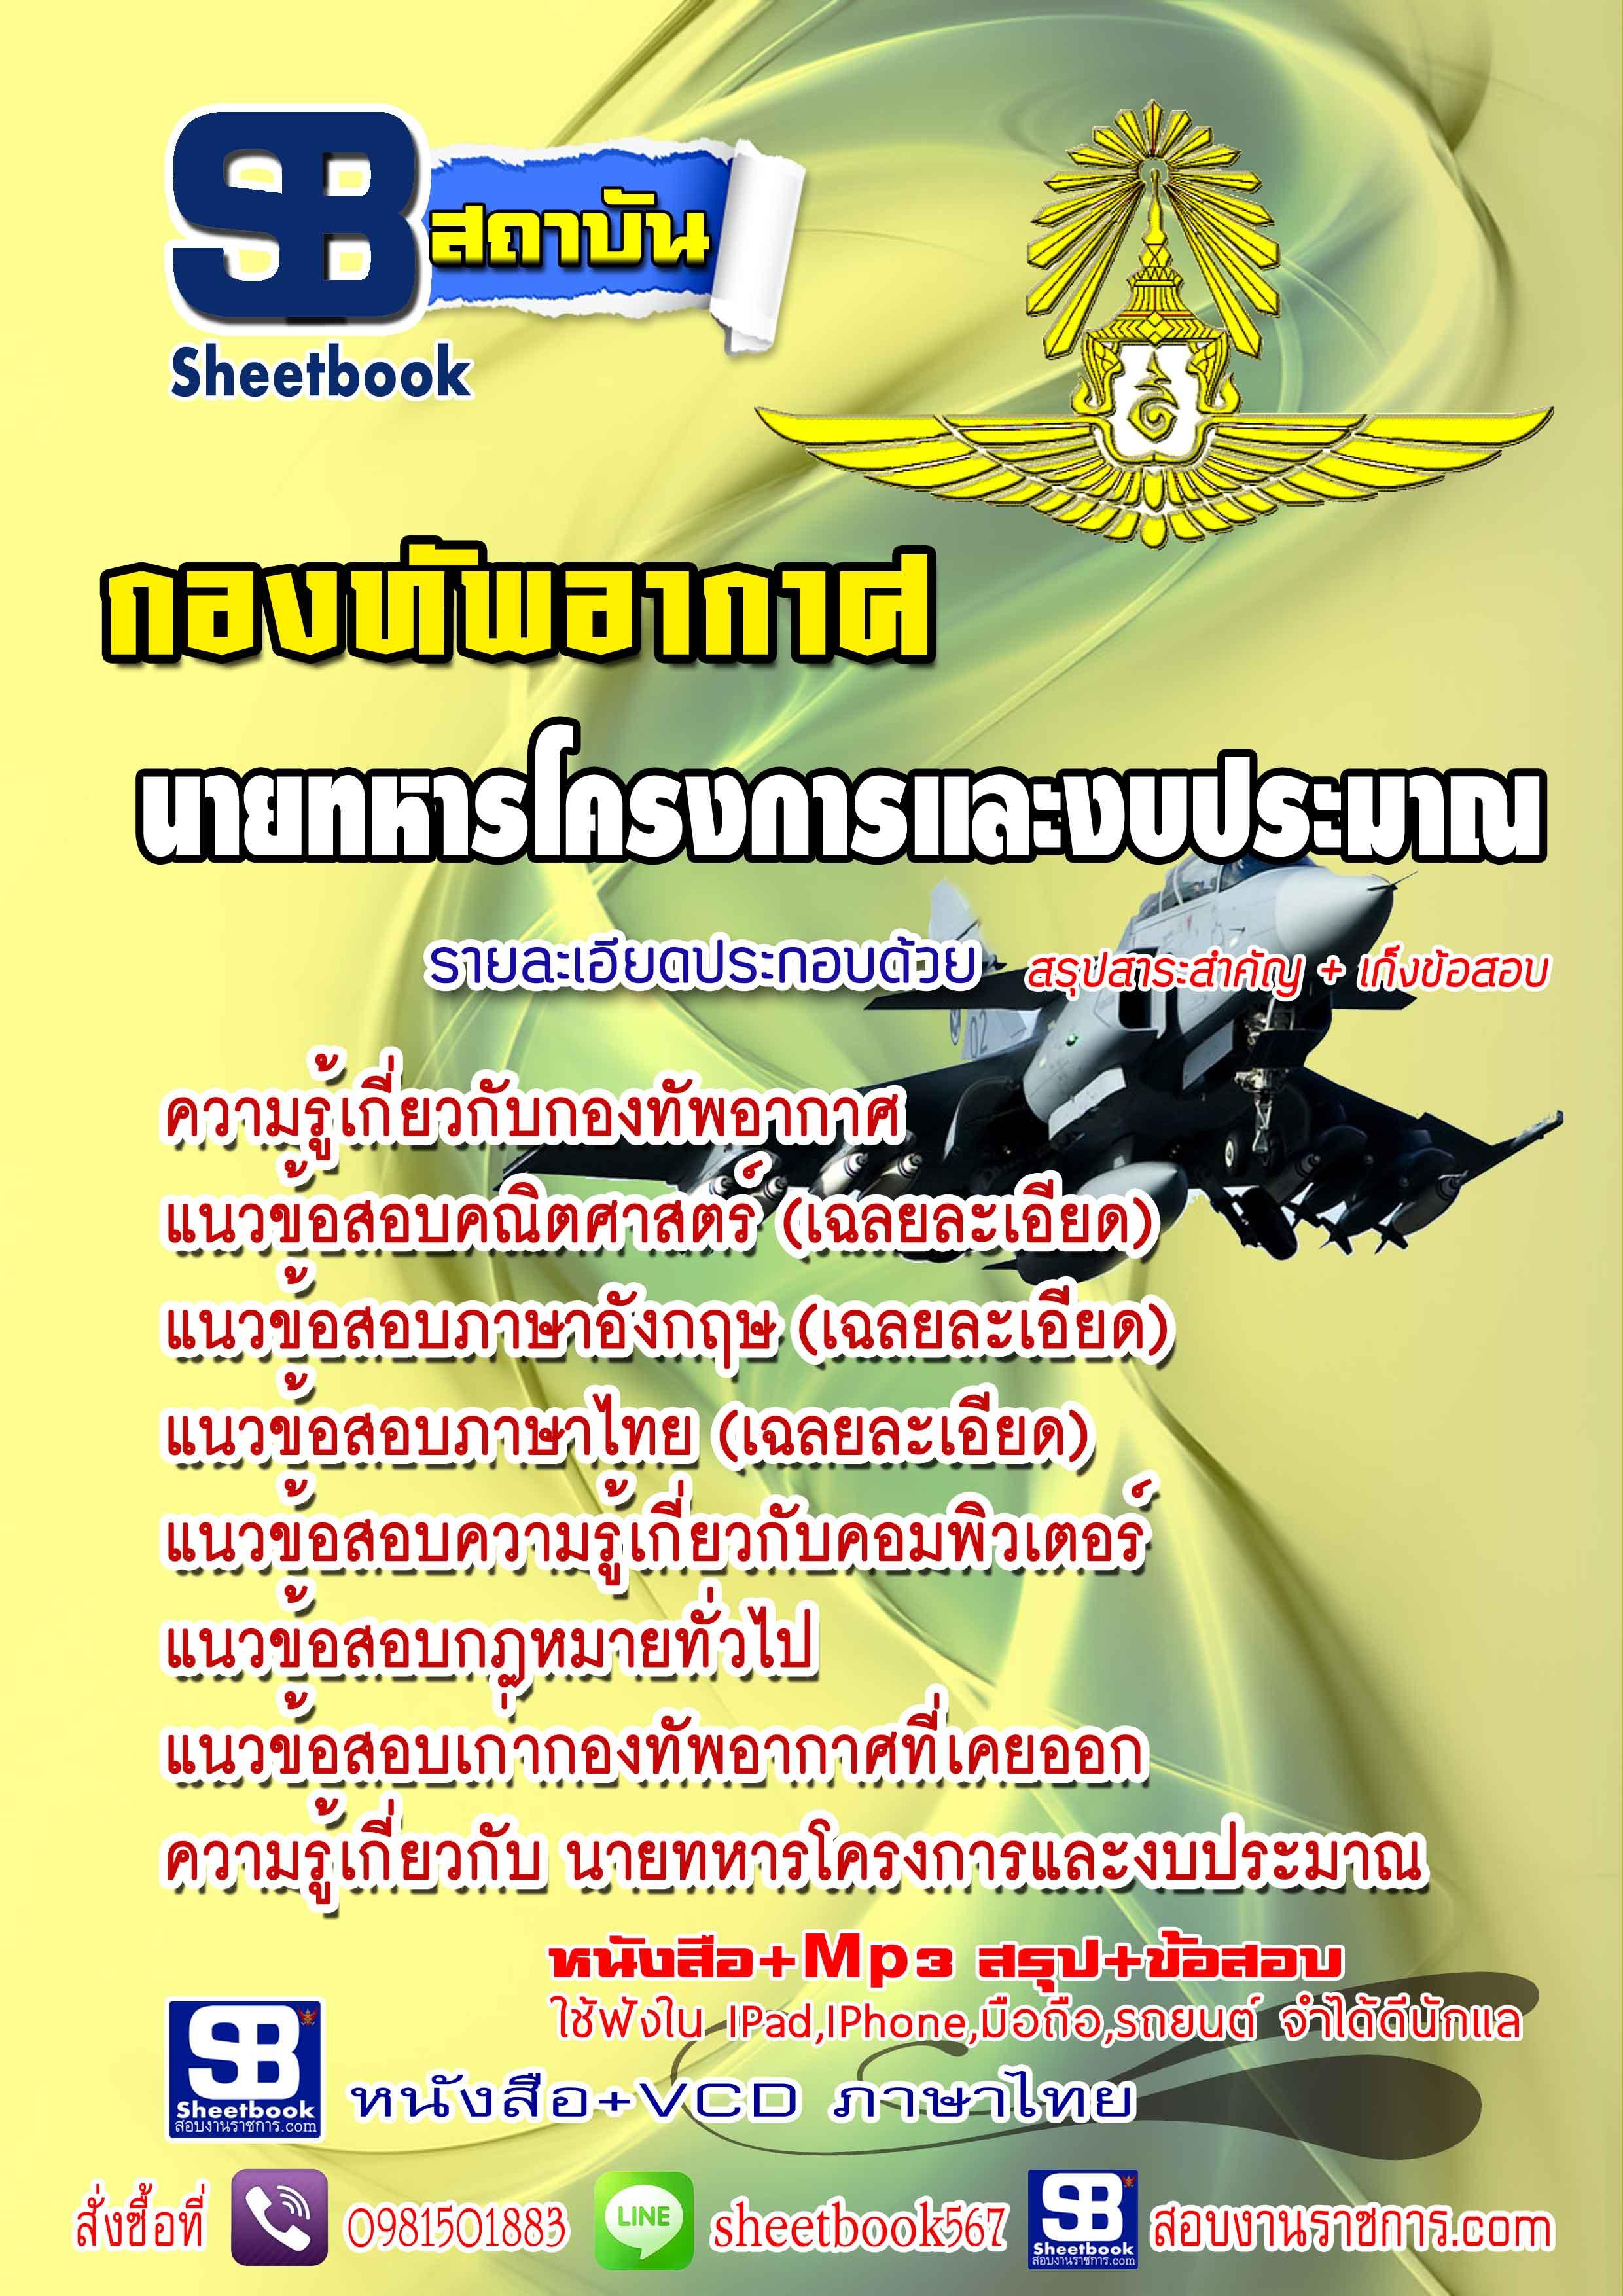 หนังสือ+VCD กองทัพอากาศ นายทหารโครงการและงบประมาณ